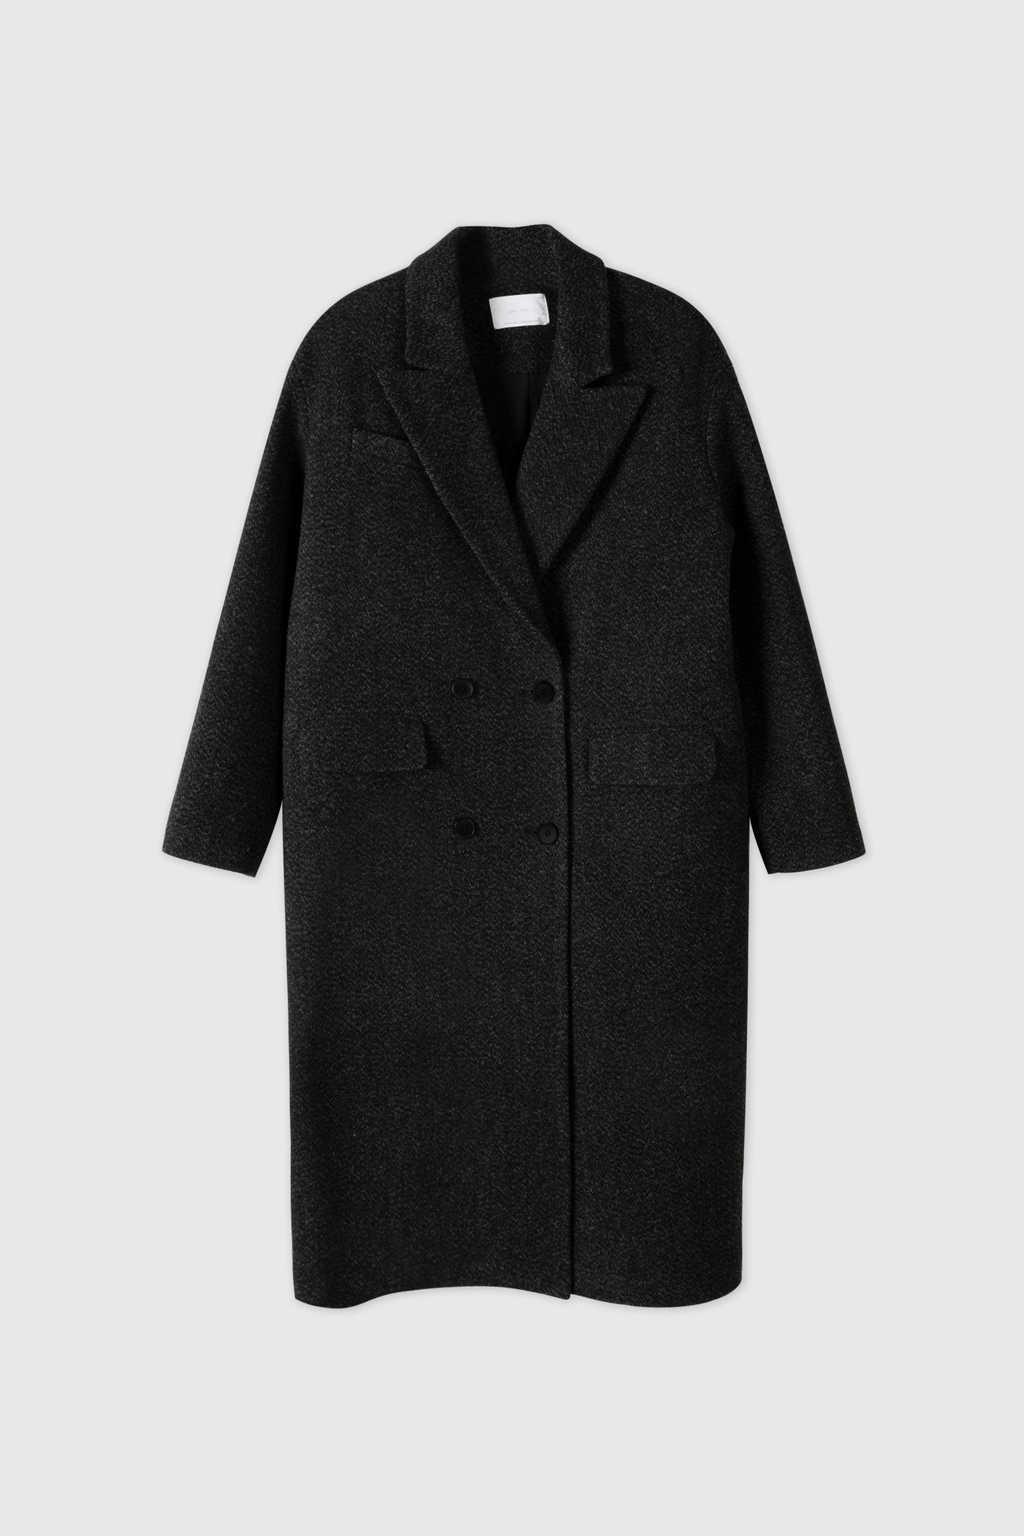 Coat 2891 Black 8